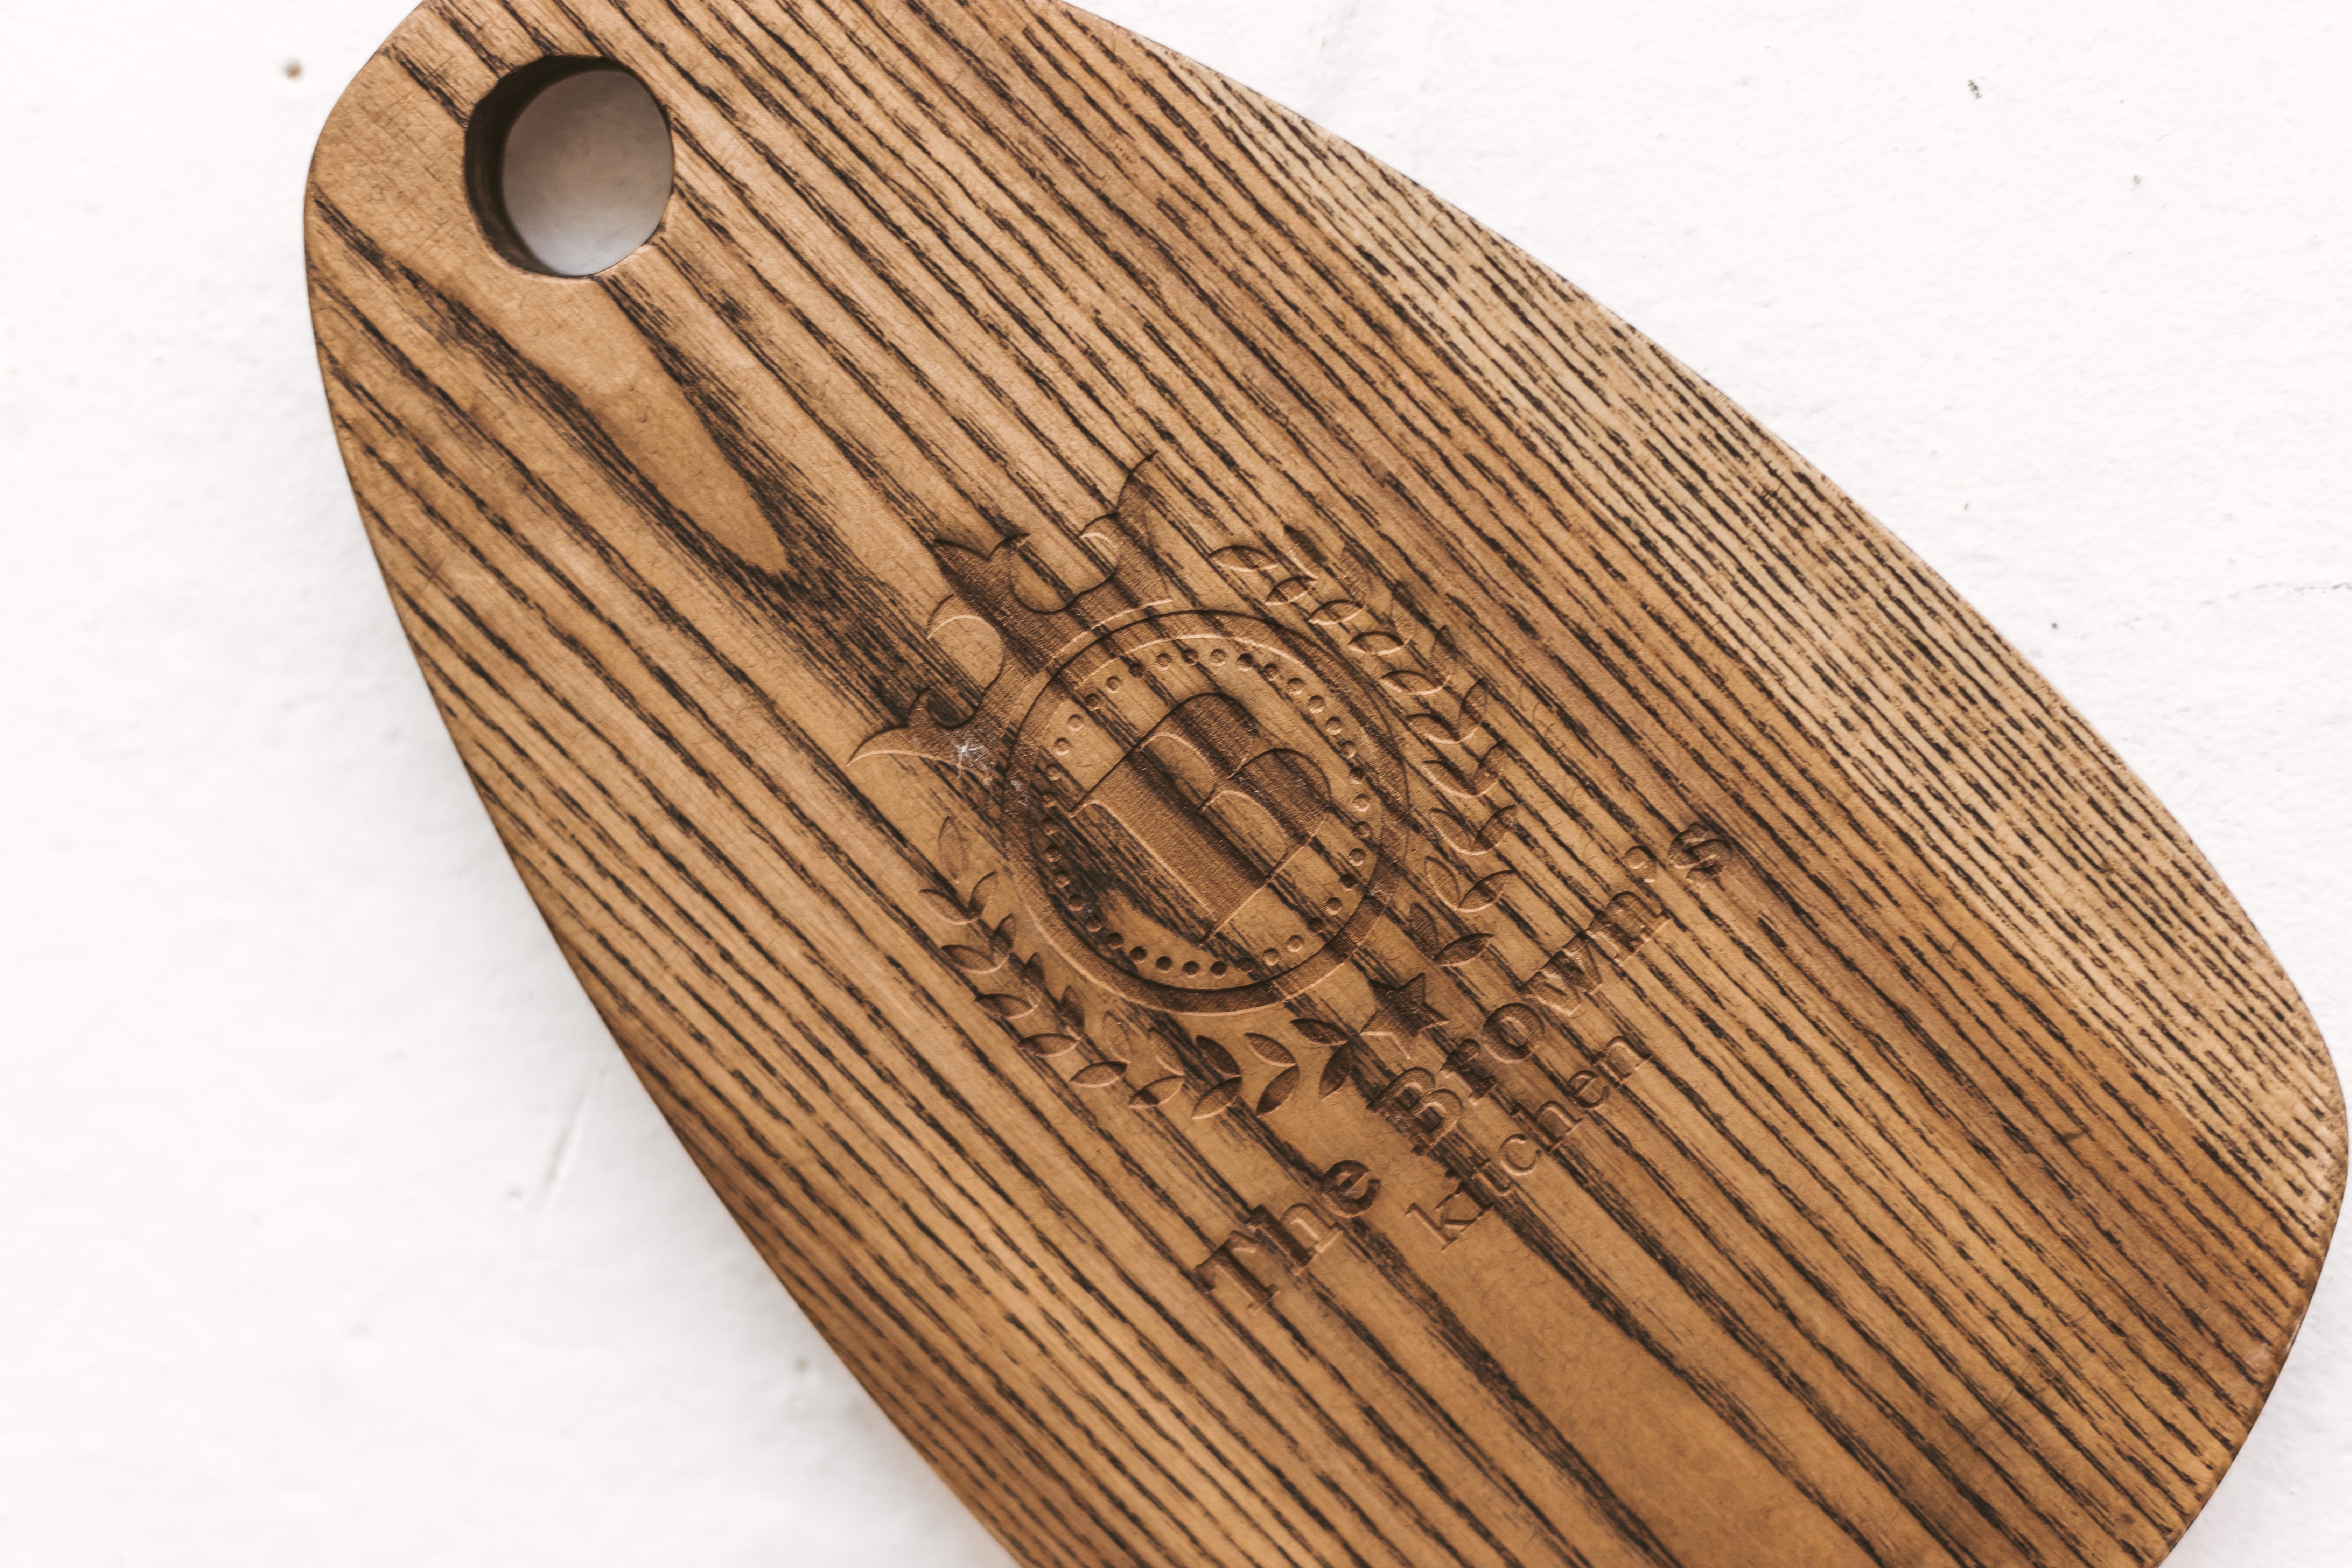 Pjaustymo lentelės - mediniai padėklai is kietmedžio